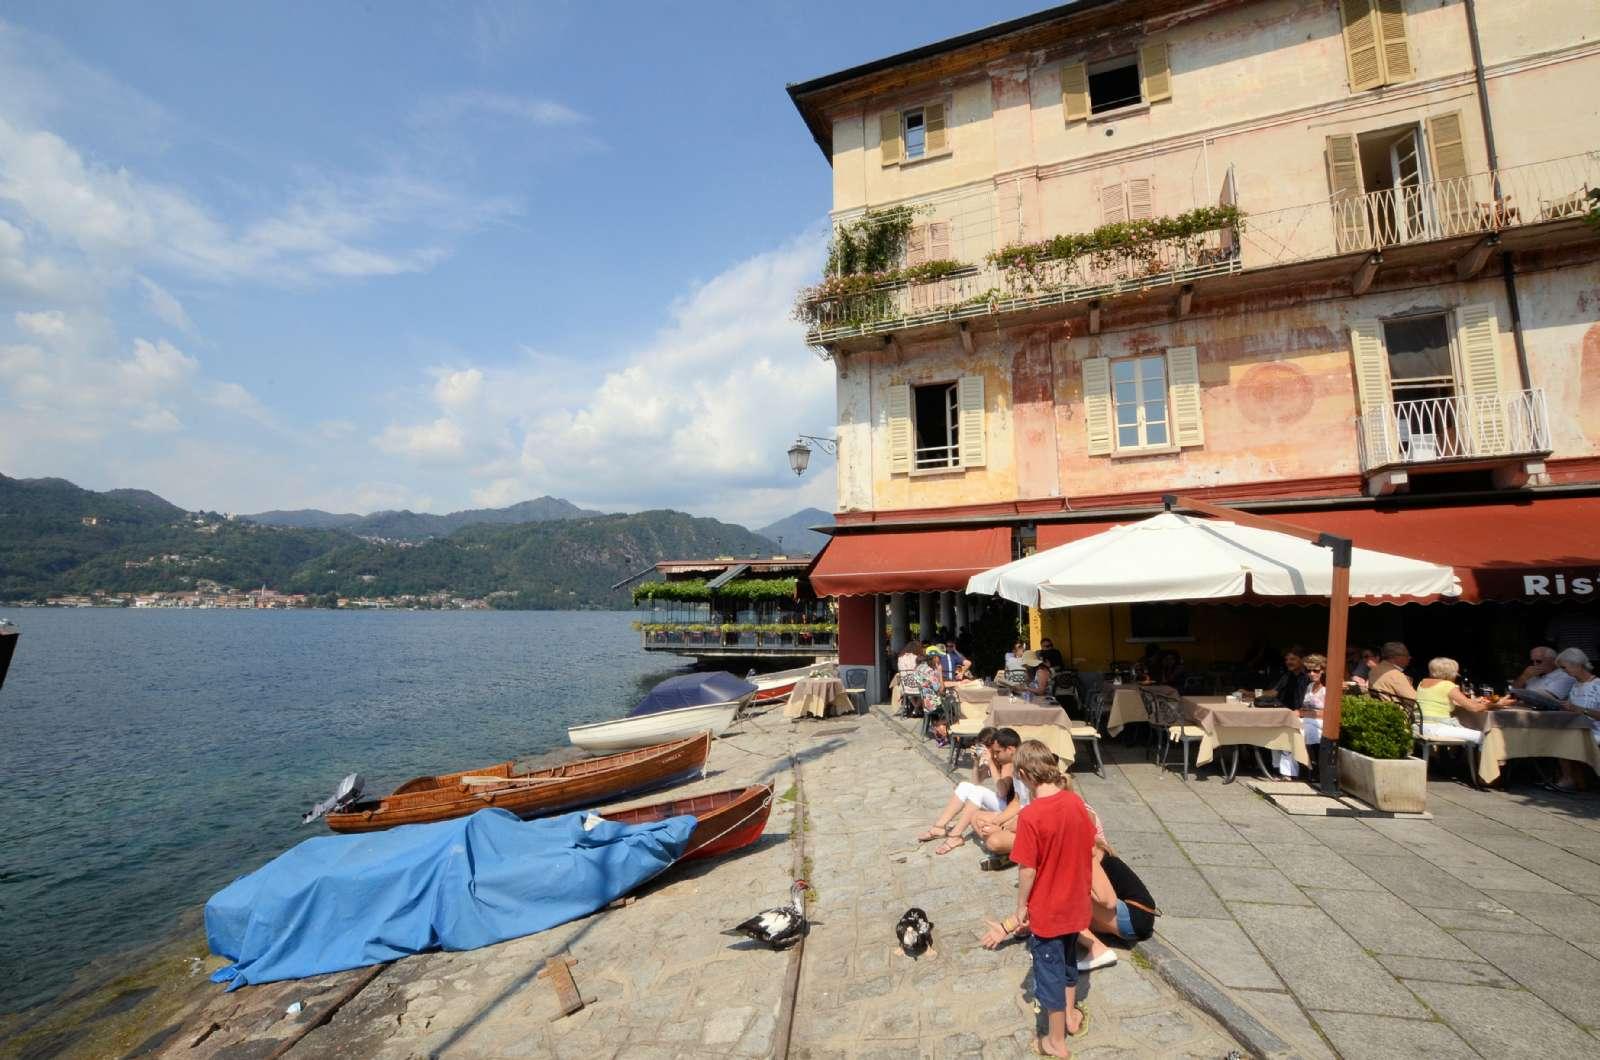 Torgplatsen Piazza Motta vänder direkt ut till sjön